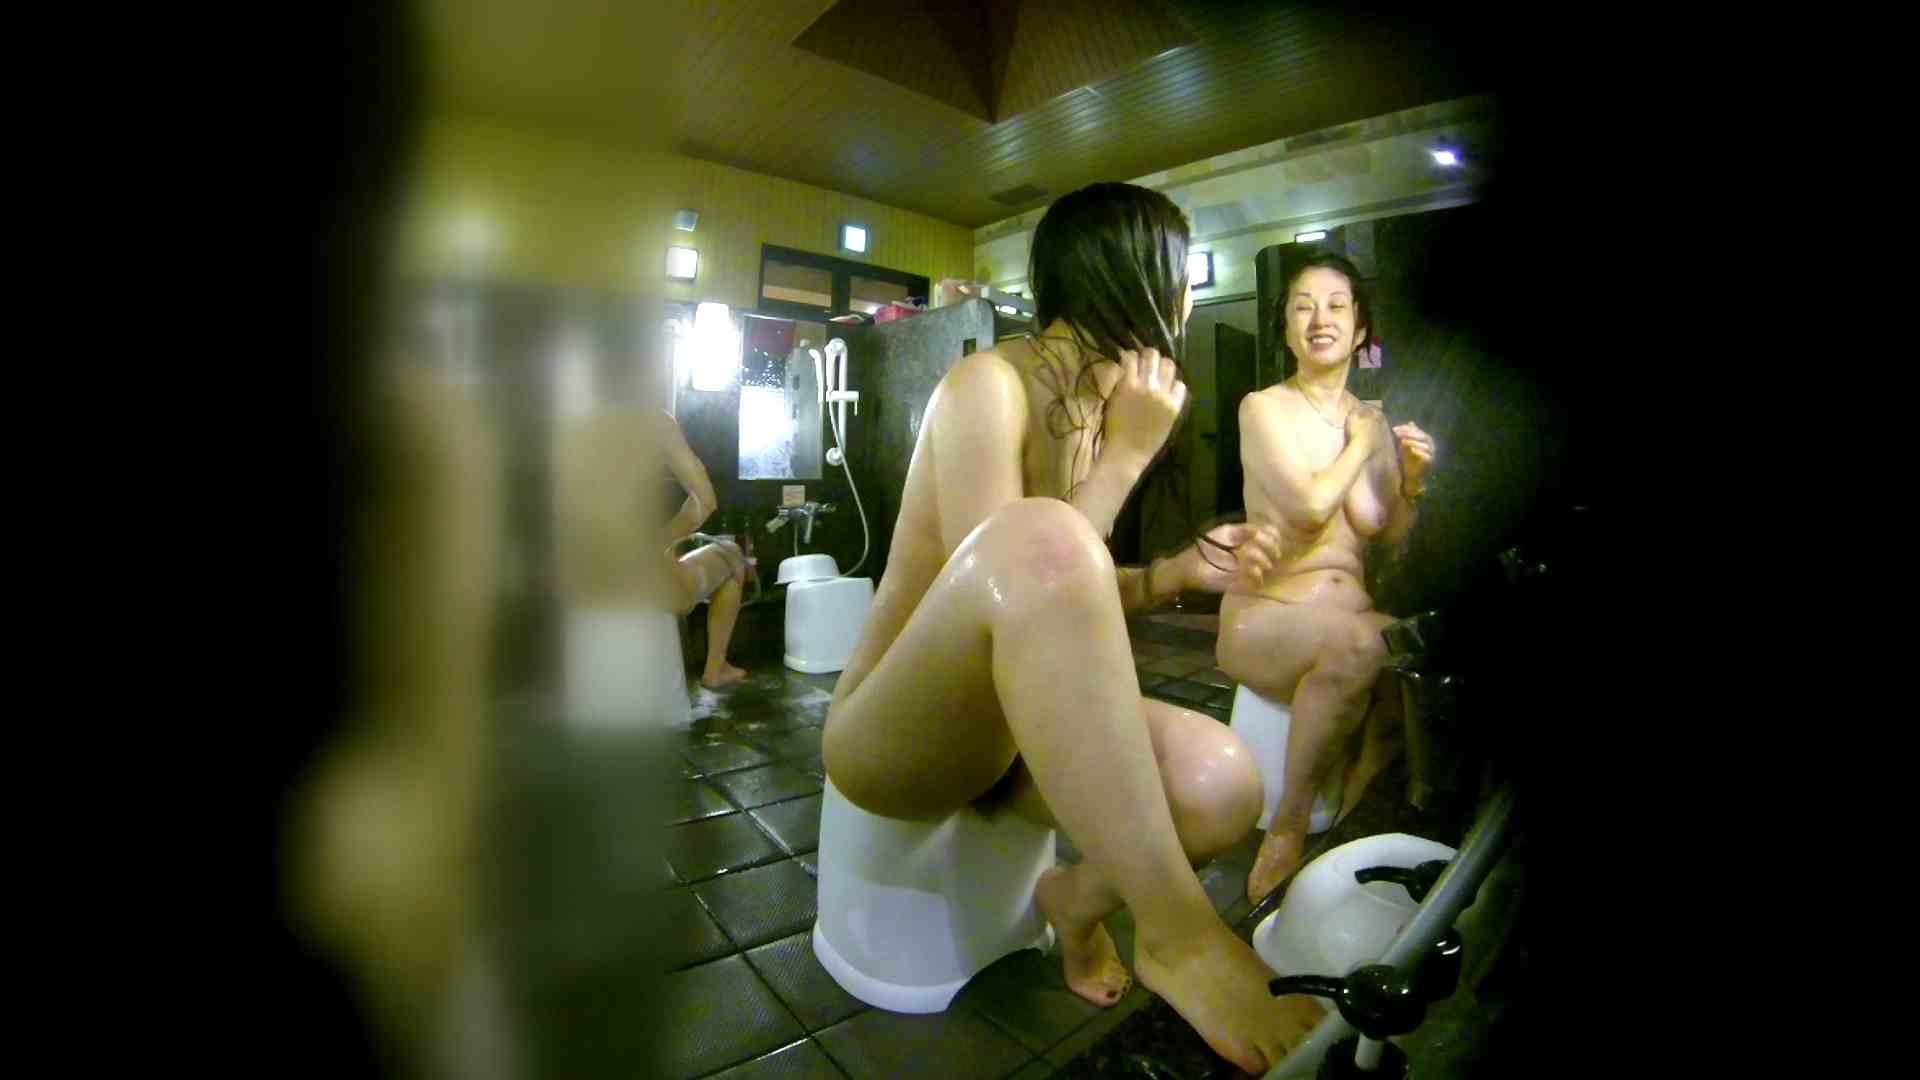 洗い場!右足の位置がいいですね。陰毛もっさり! エッチなお姉さん おまんこ動画流出 74画像 30